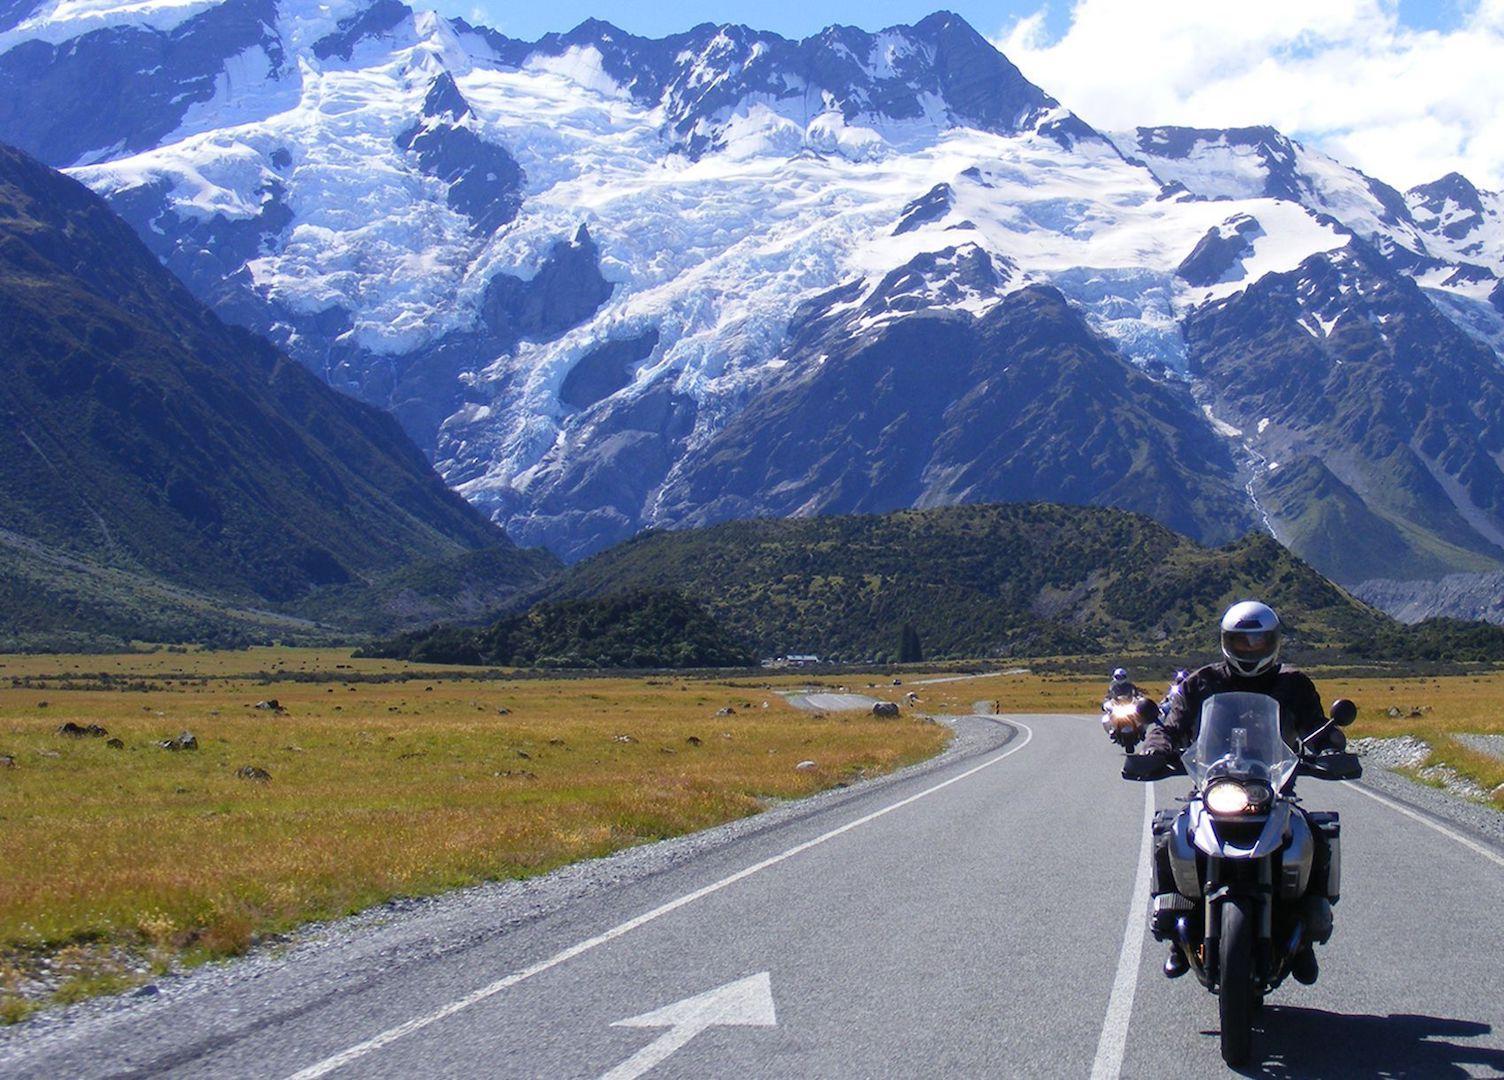 moto-atacama-como-se-preparar-para-uma-longa-viagem-de-moto